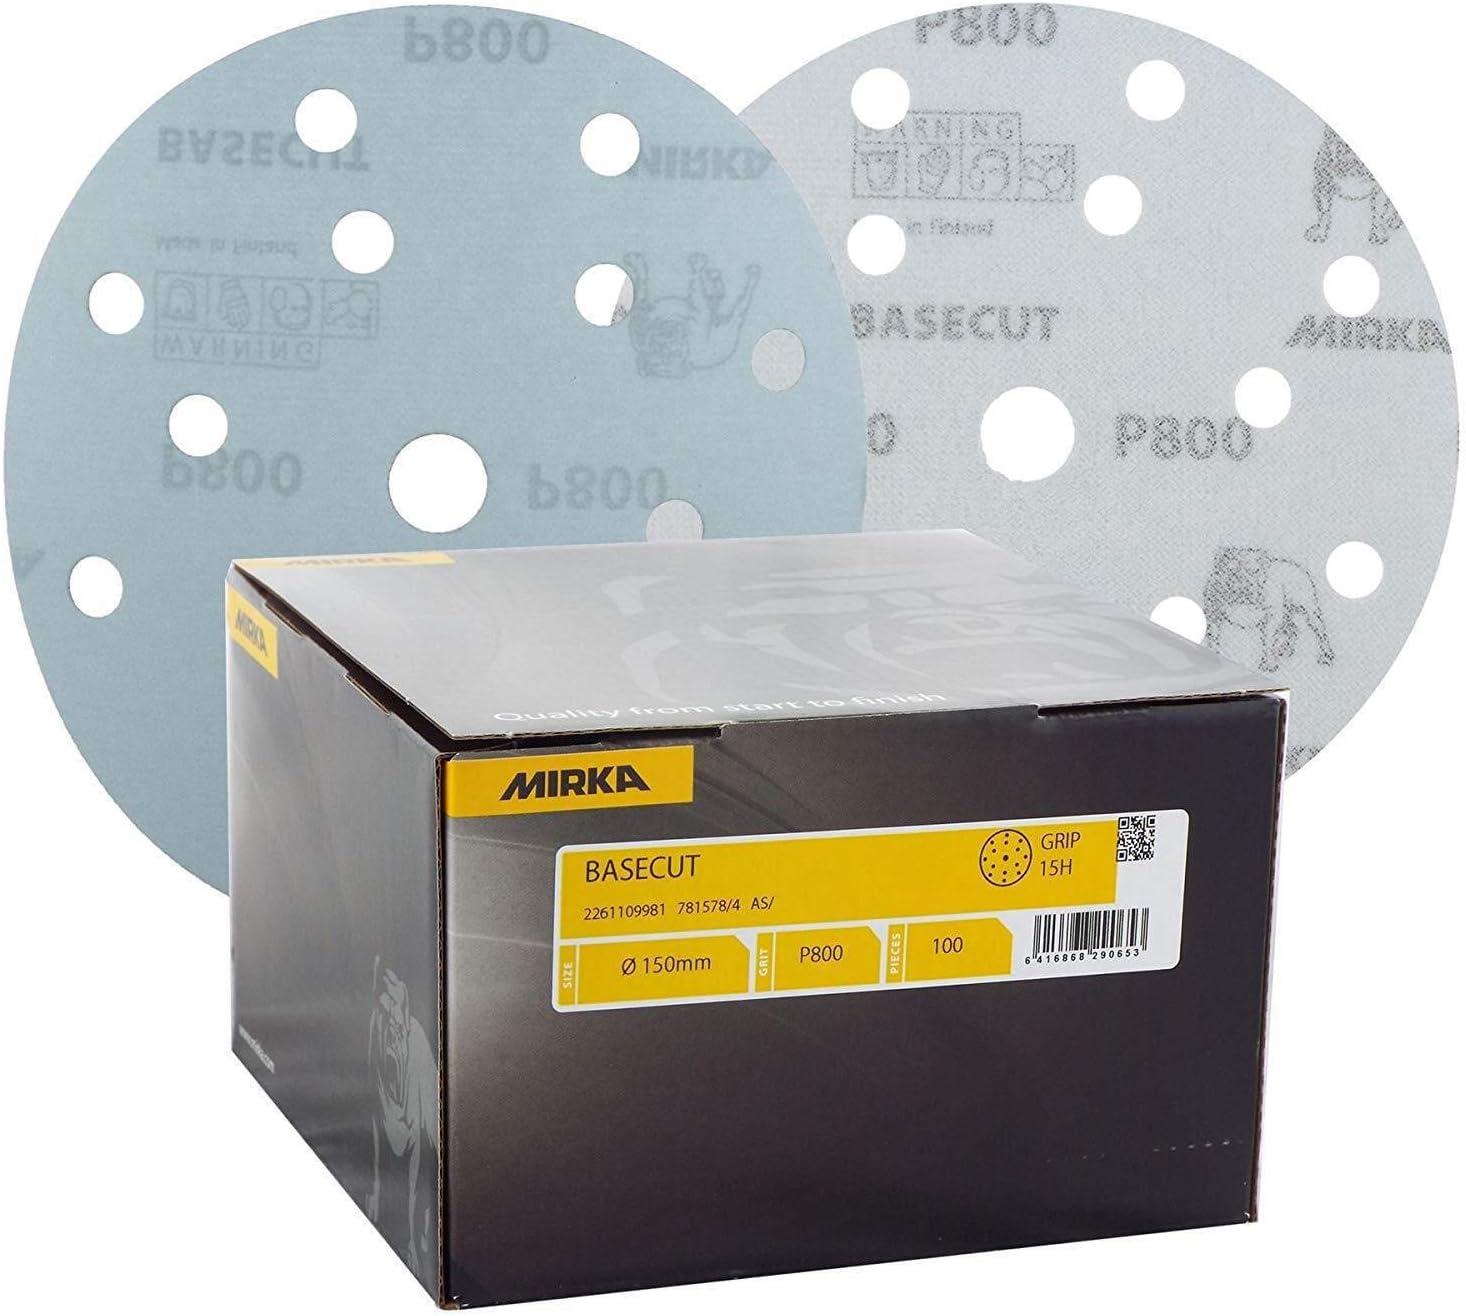 Mirka 2261105040 Basecut Grip 15l P40 150 Mm 50 Pro Pack Auto